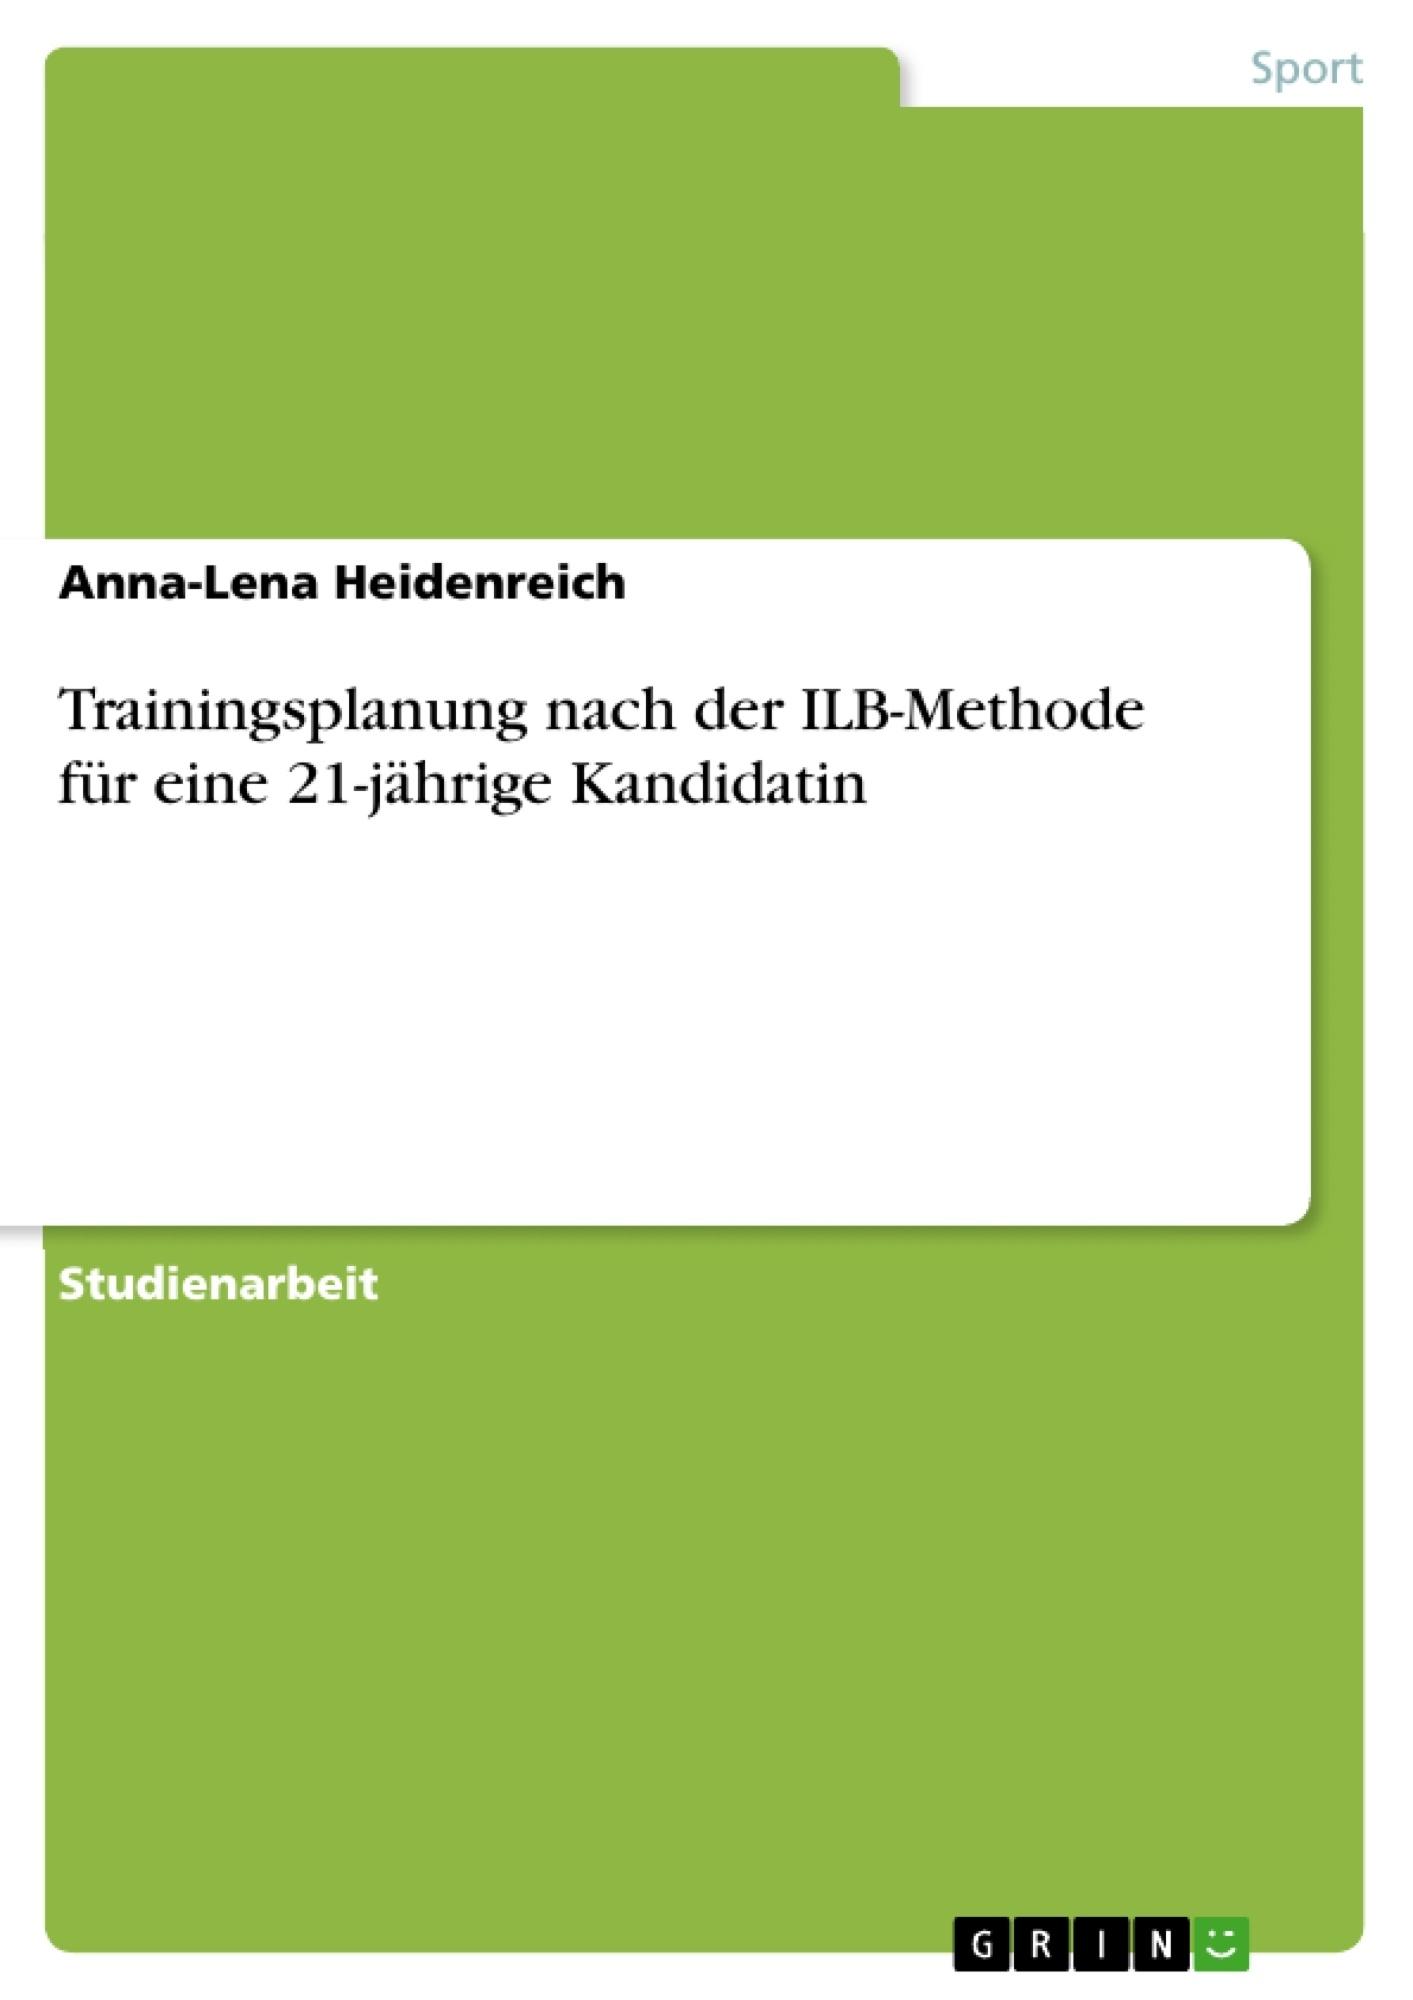 Titel: Trainingsplanung nach der ILB-Methode für eine 21-jährige Kandidatin